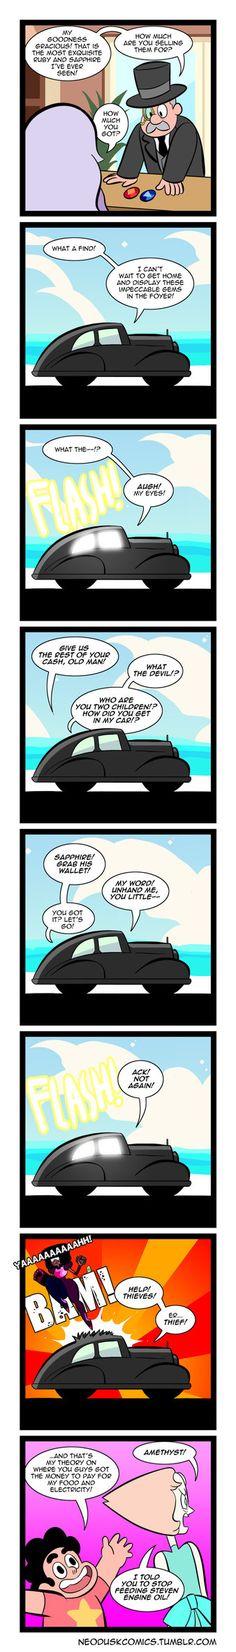 Steven Universe: Foe Gemstones by Neodusk on DeviantArt